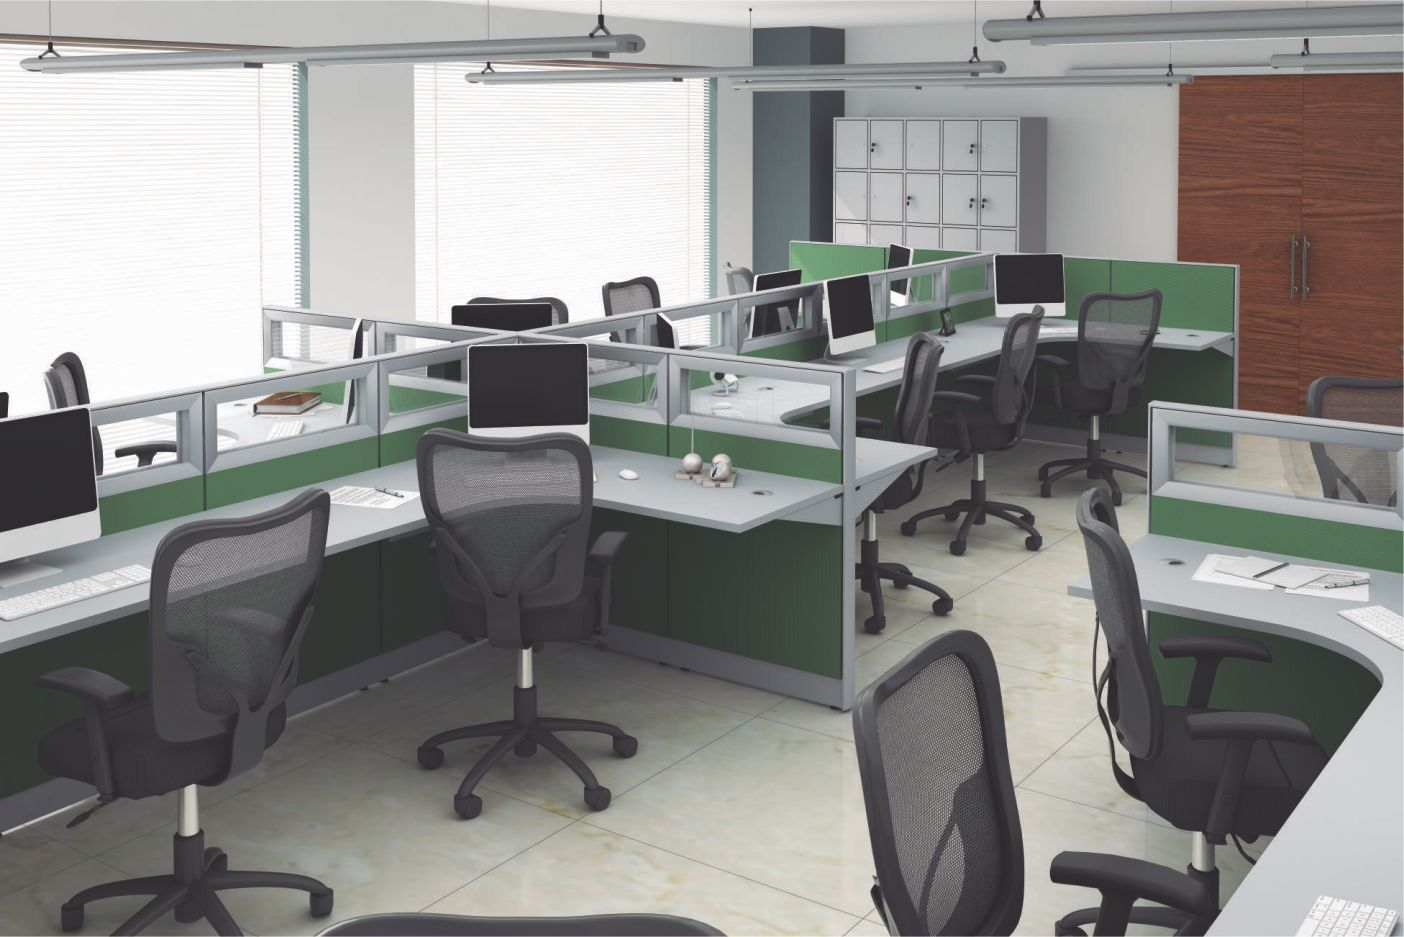 BIOMBO EVOLUTION | Uma estrutura planejada para organizar seu escritório com praticidade. Bom gosto e várias opções de cores que deixam o local mais alegre. (Escritório)